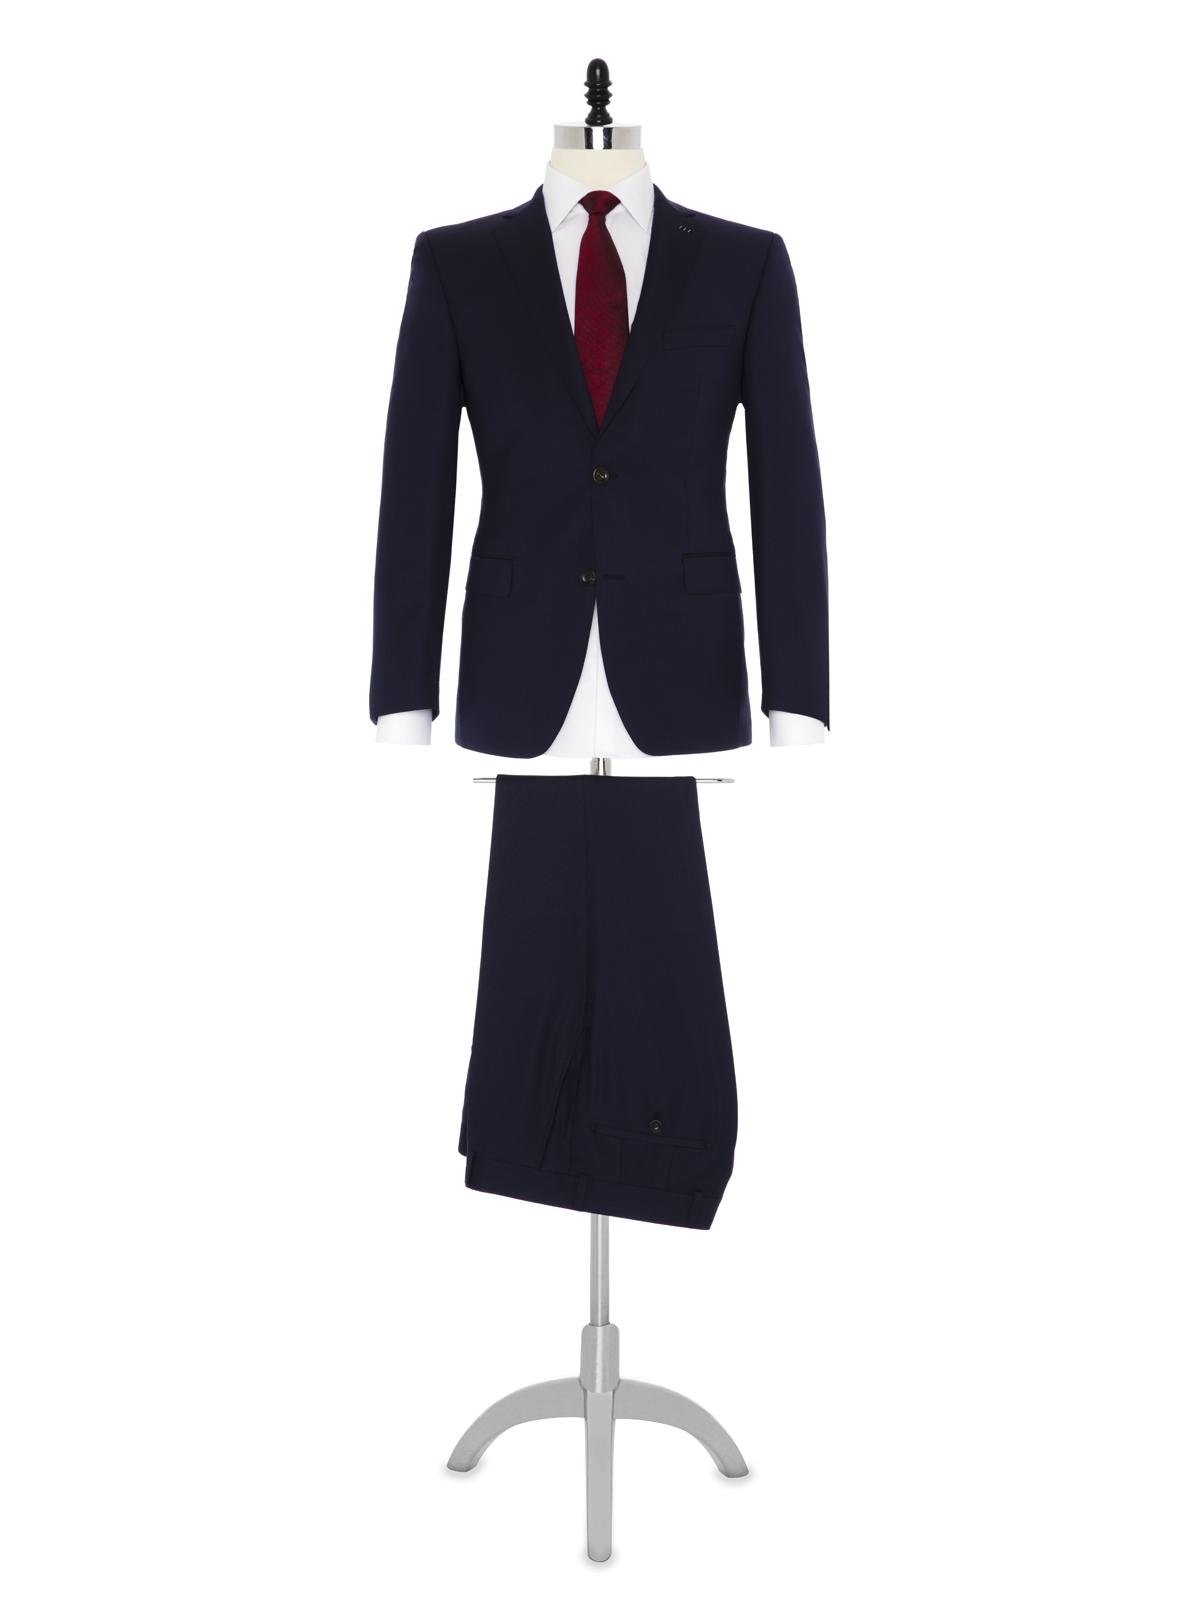 Carl Gross Lacivert Dokulu Takım Elbise